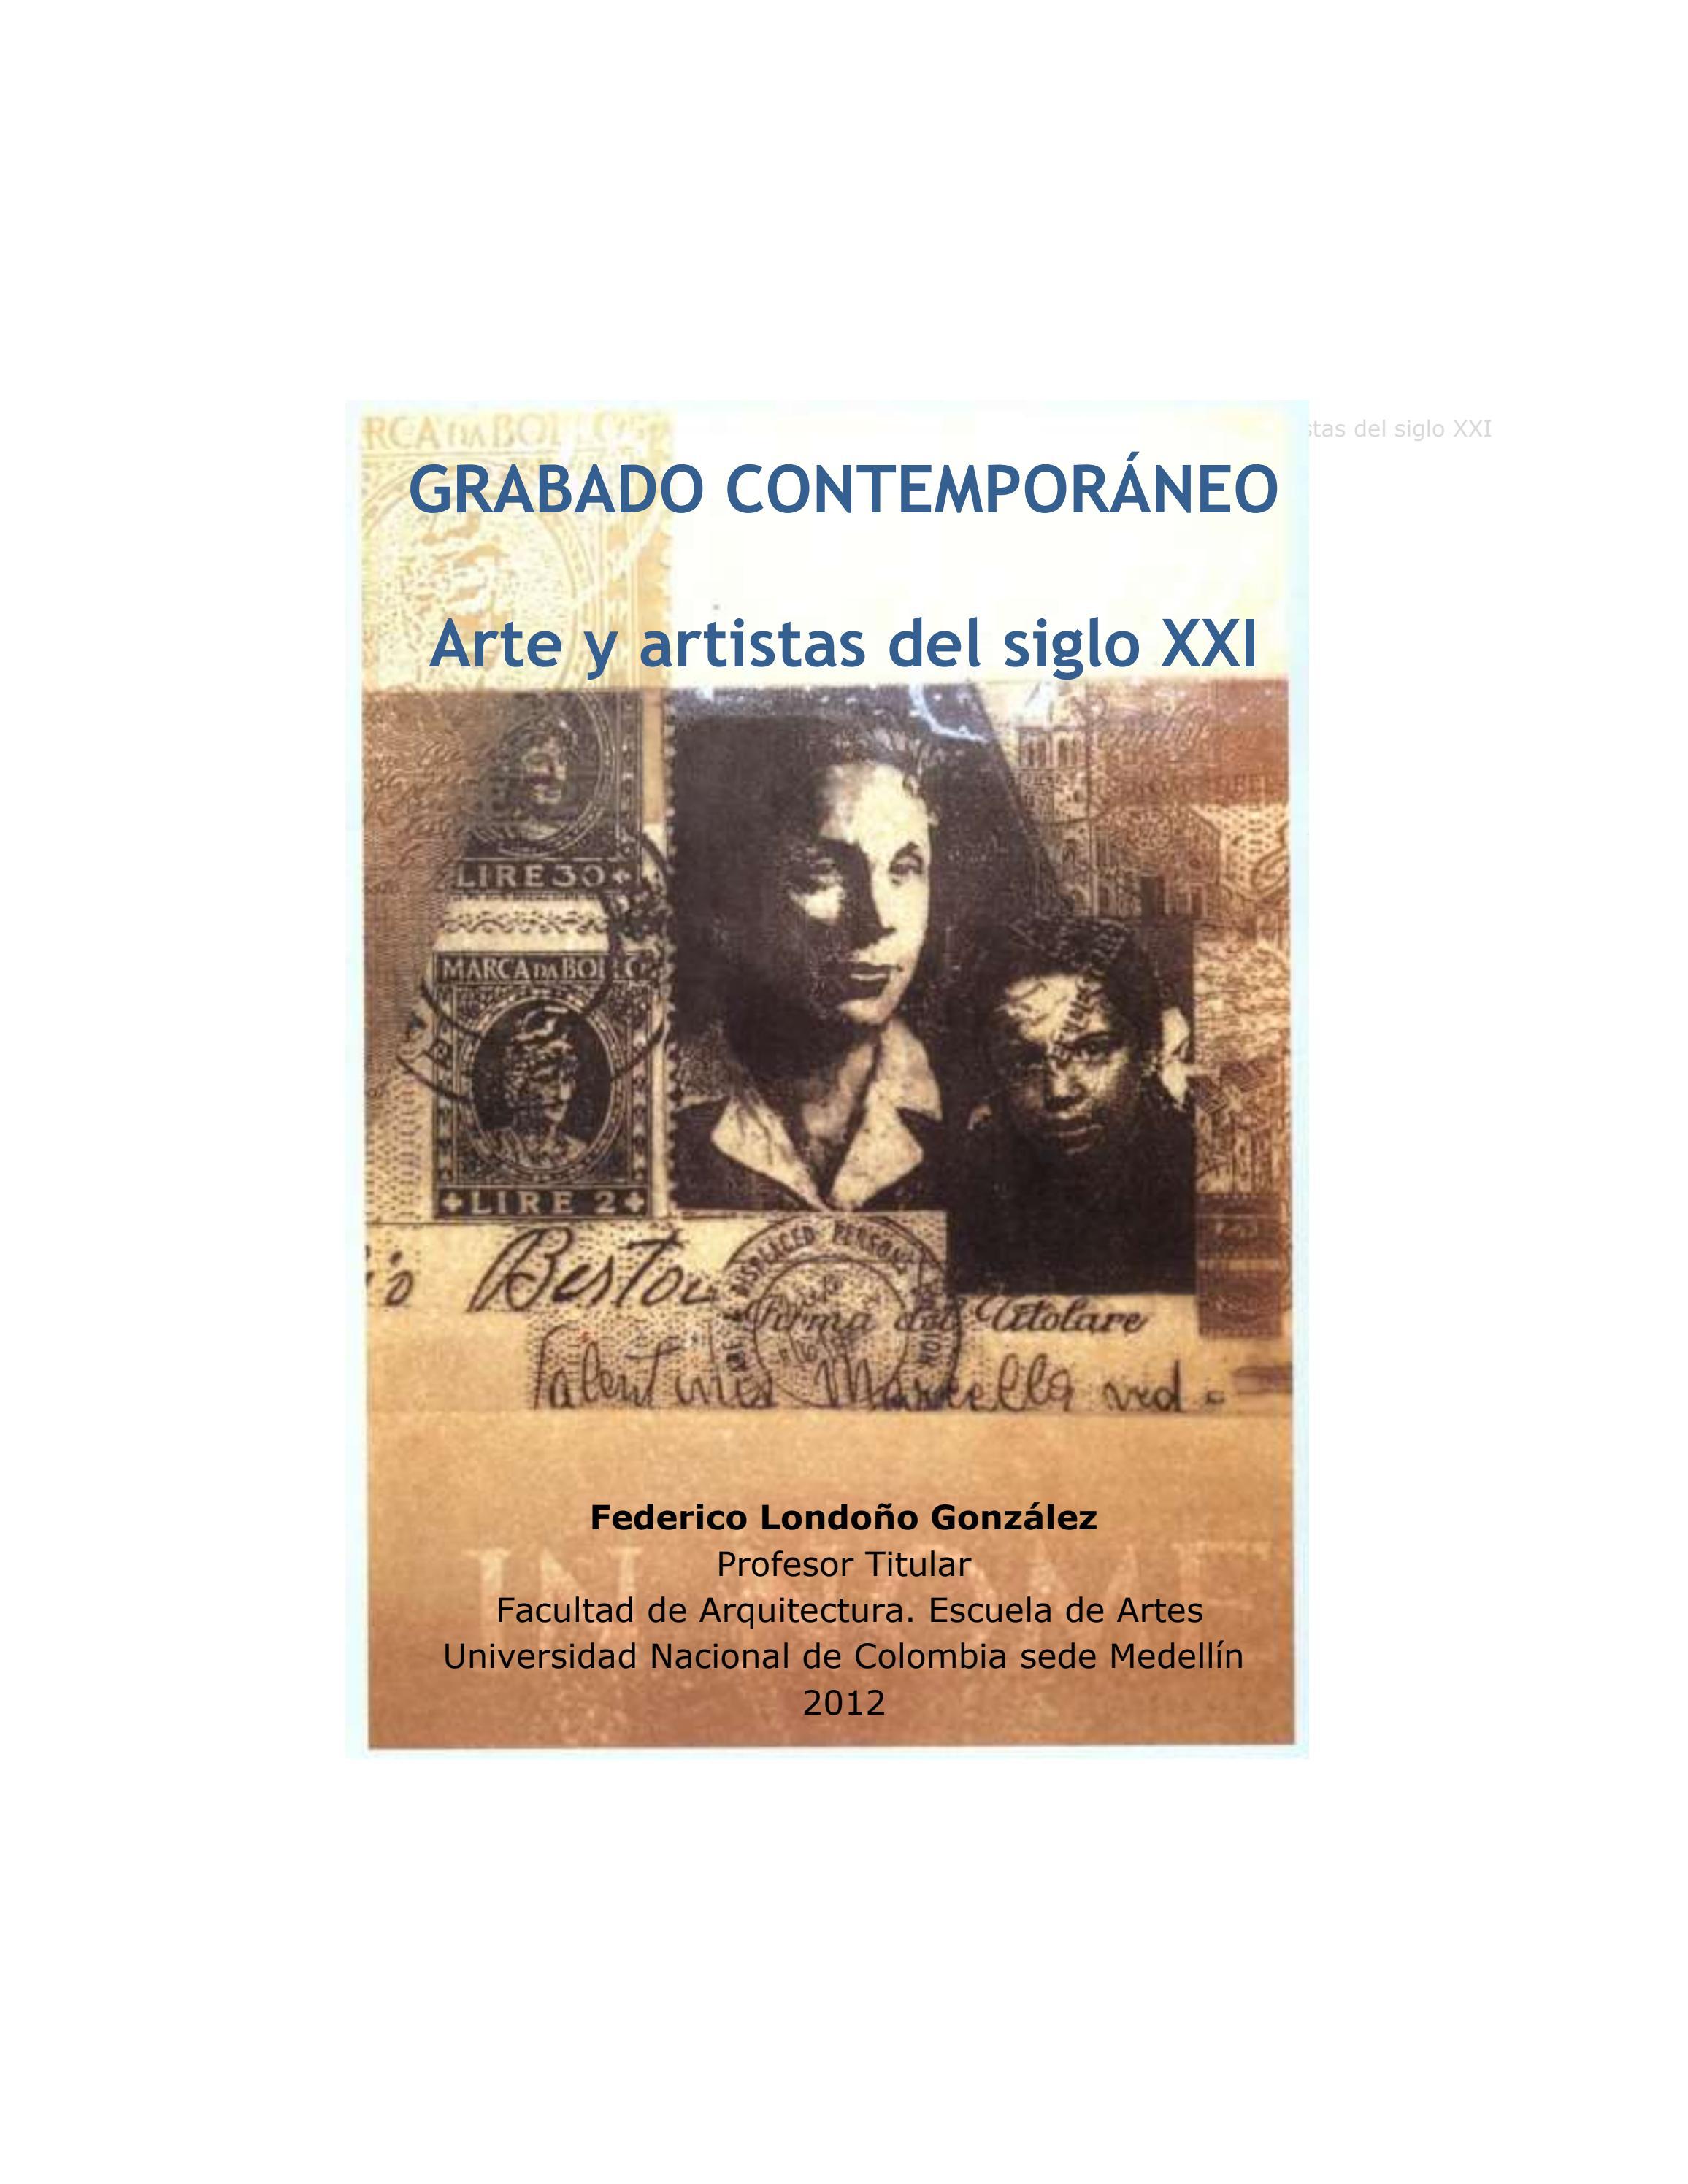 Grabado contemporaneo arte y artistas de siglo xxi agosto 2012 ...